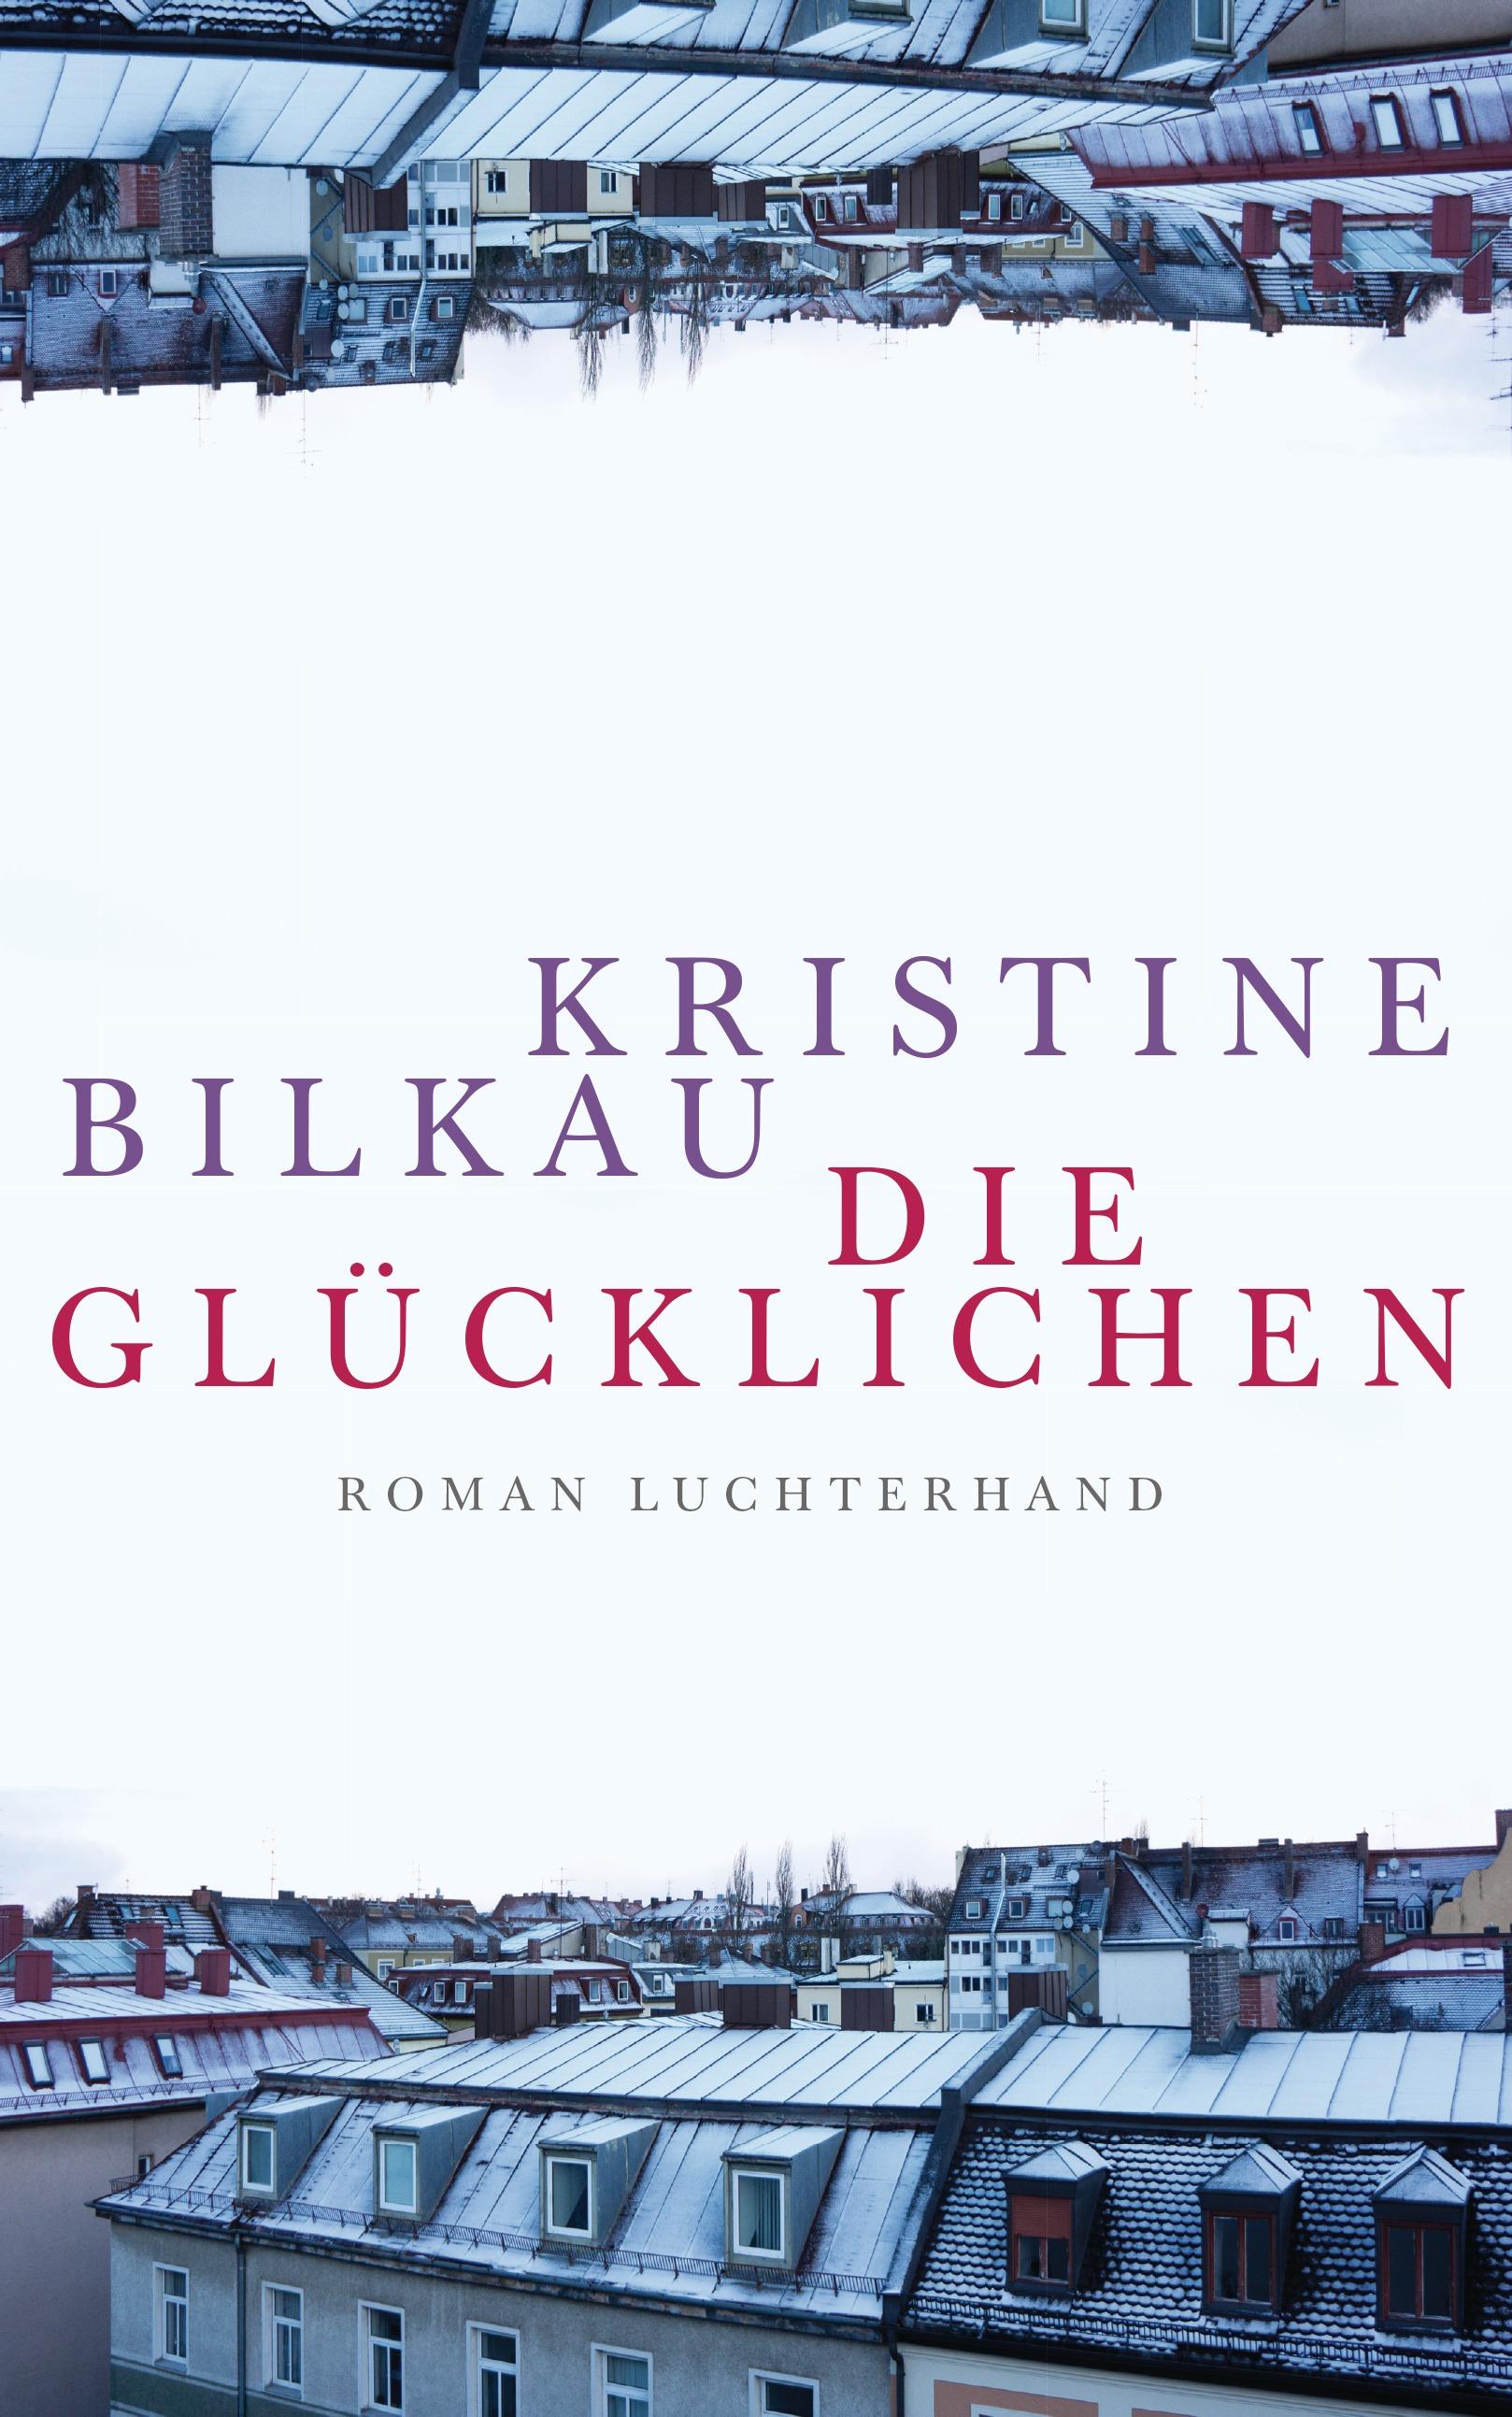 Die Glücklichen - Kristine Bilkau